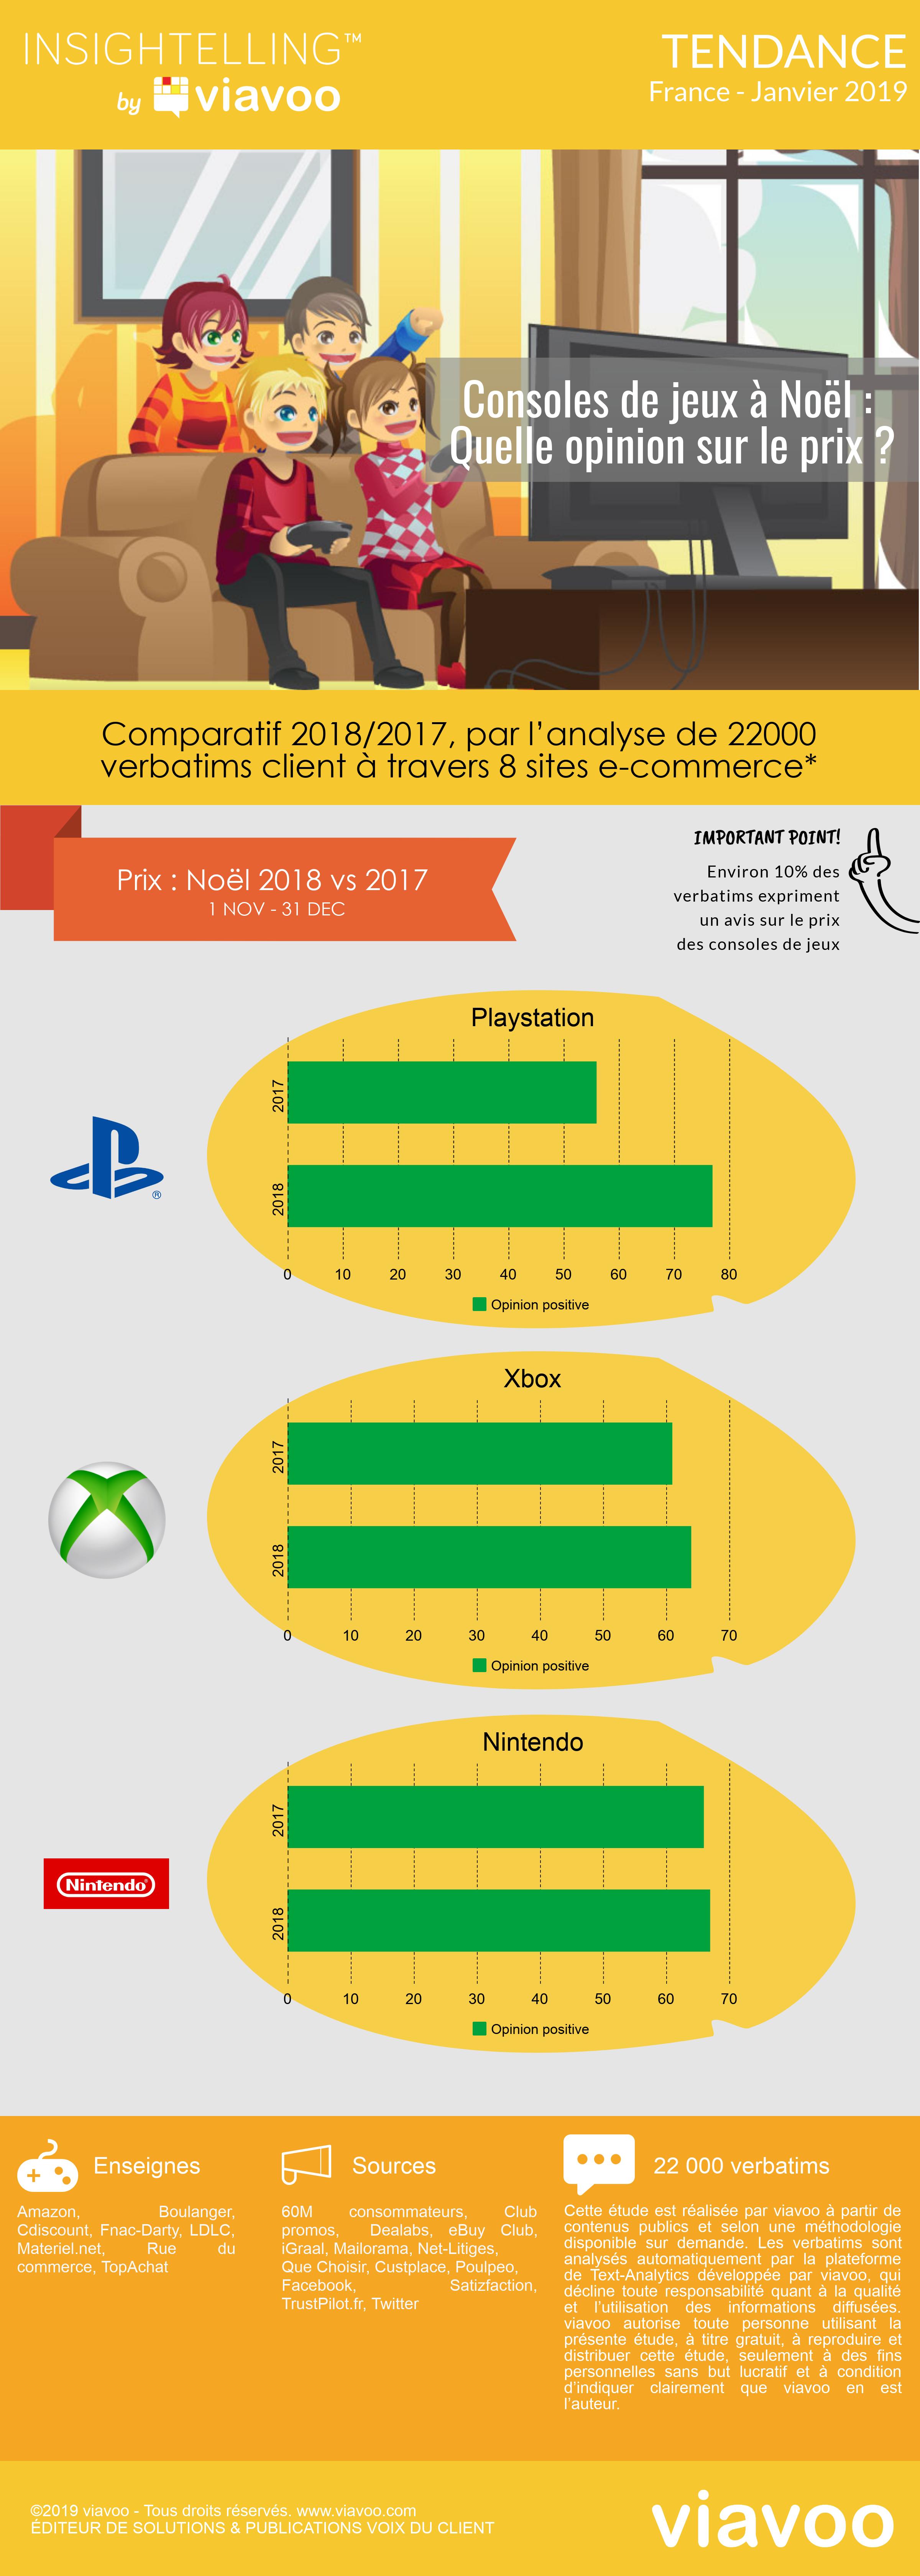 Prix des consoles de jeux : Noël 2018/2017